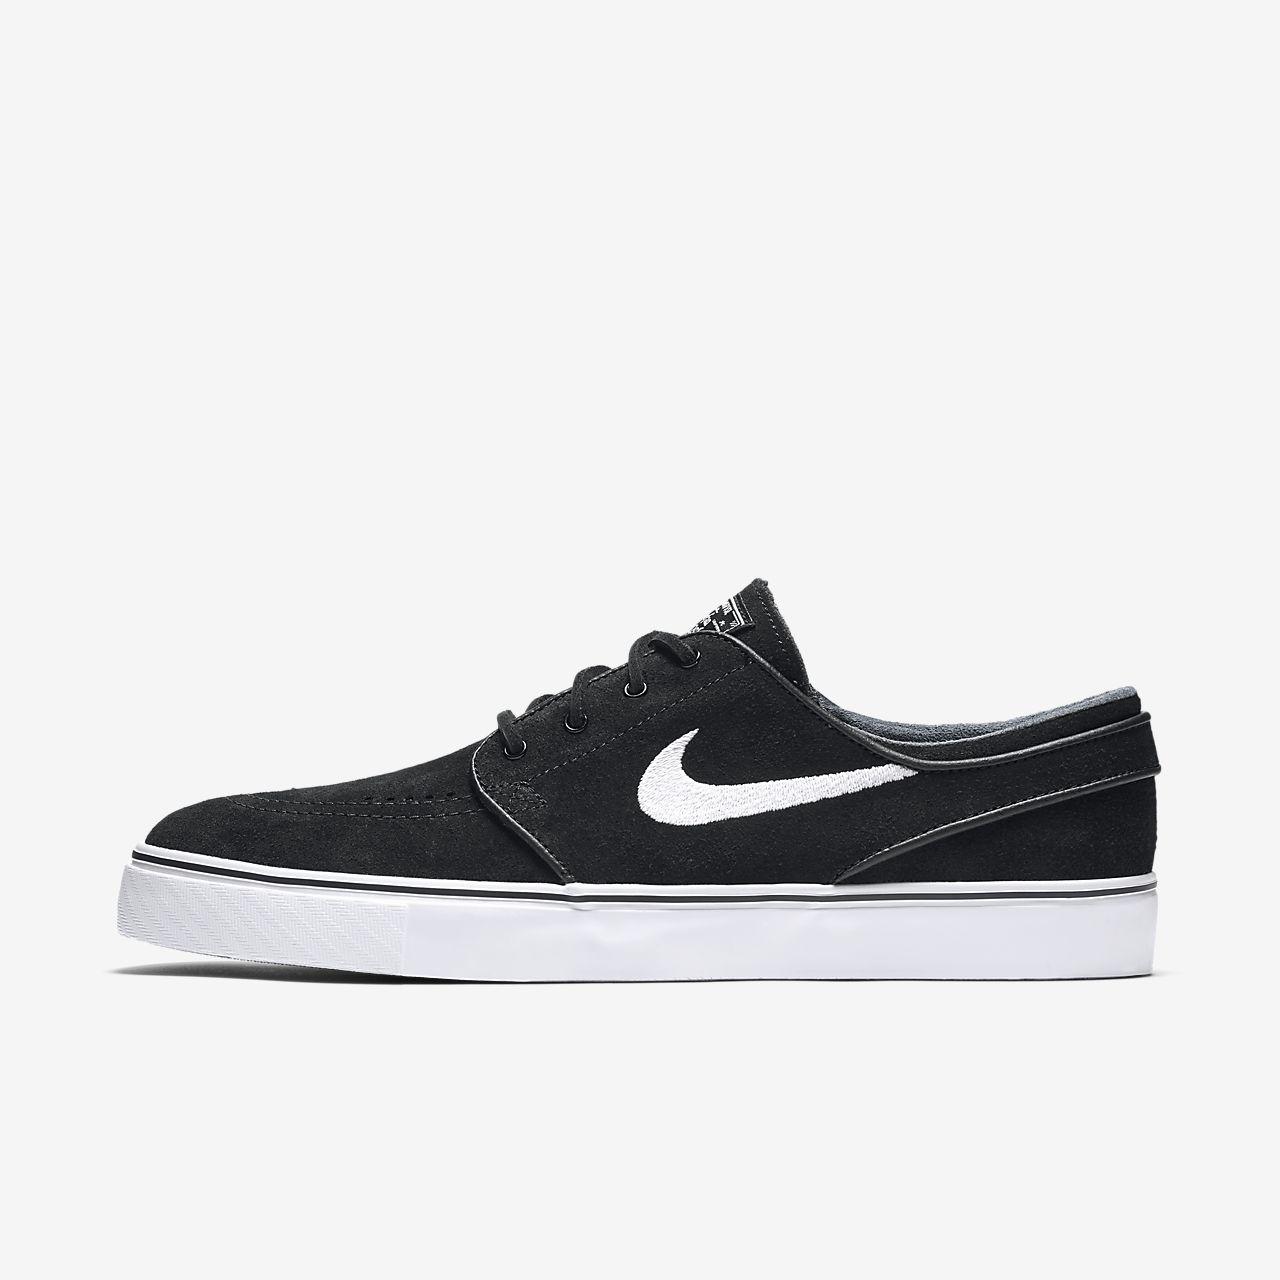 new product 71630 0eb97 ... Nike SB Zoom Stefan Janoski OG skatesko til herre